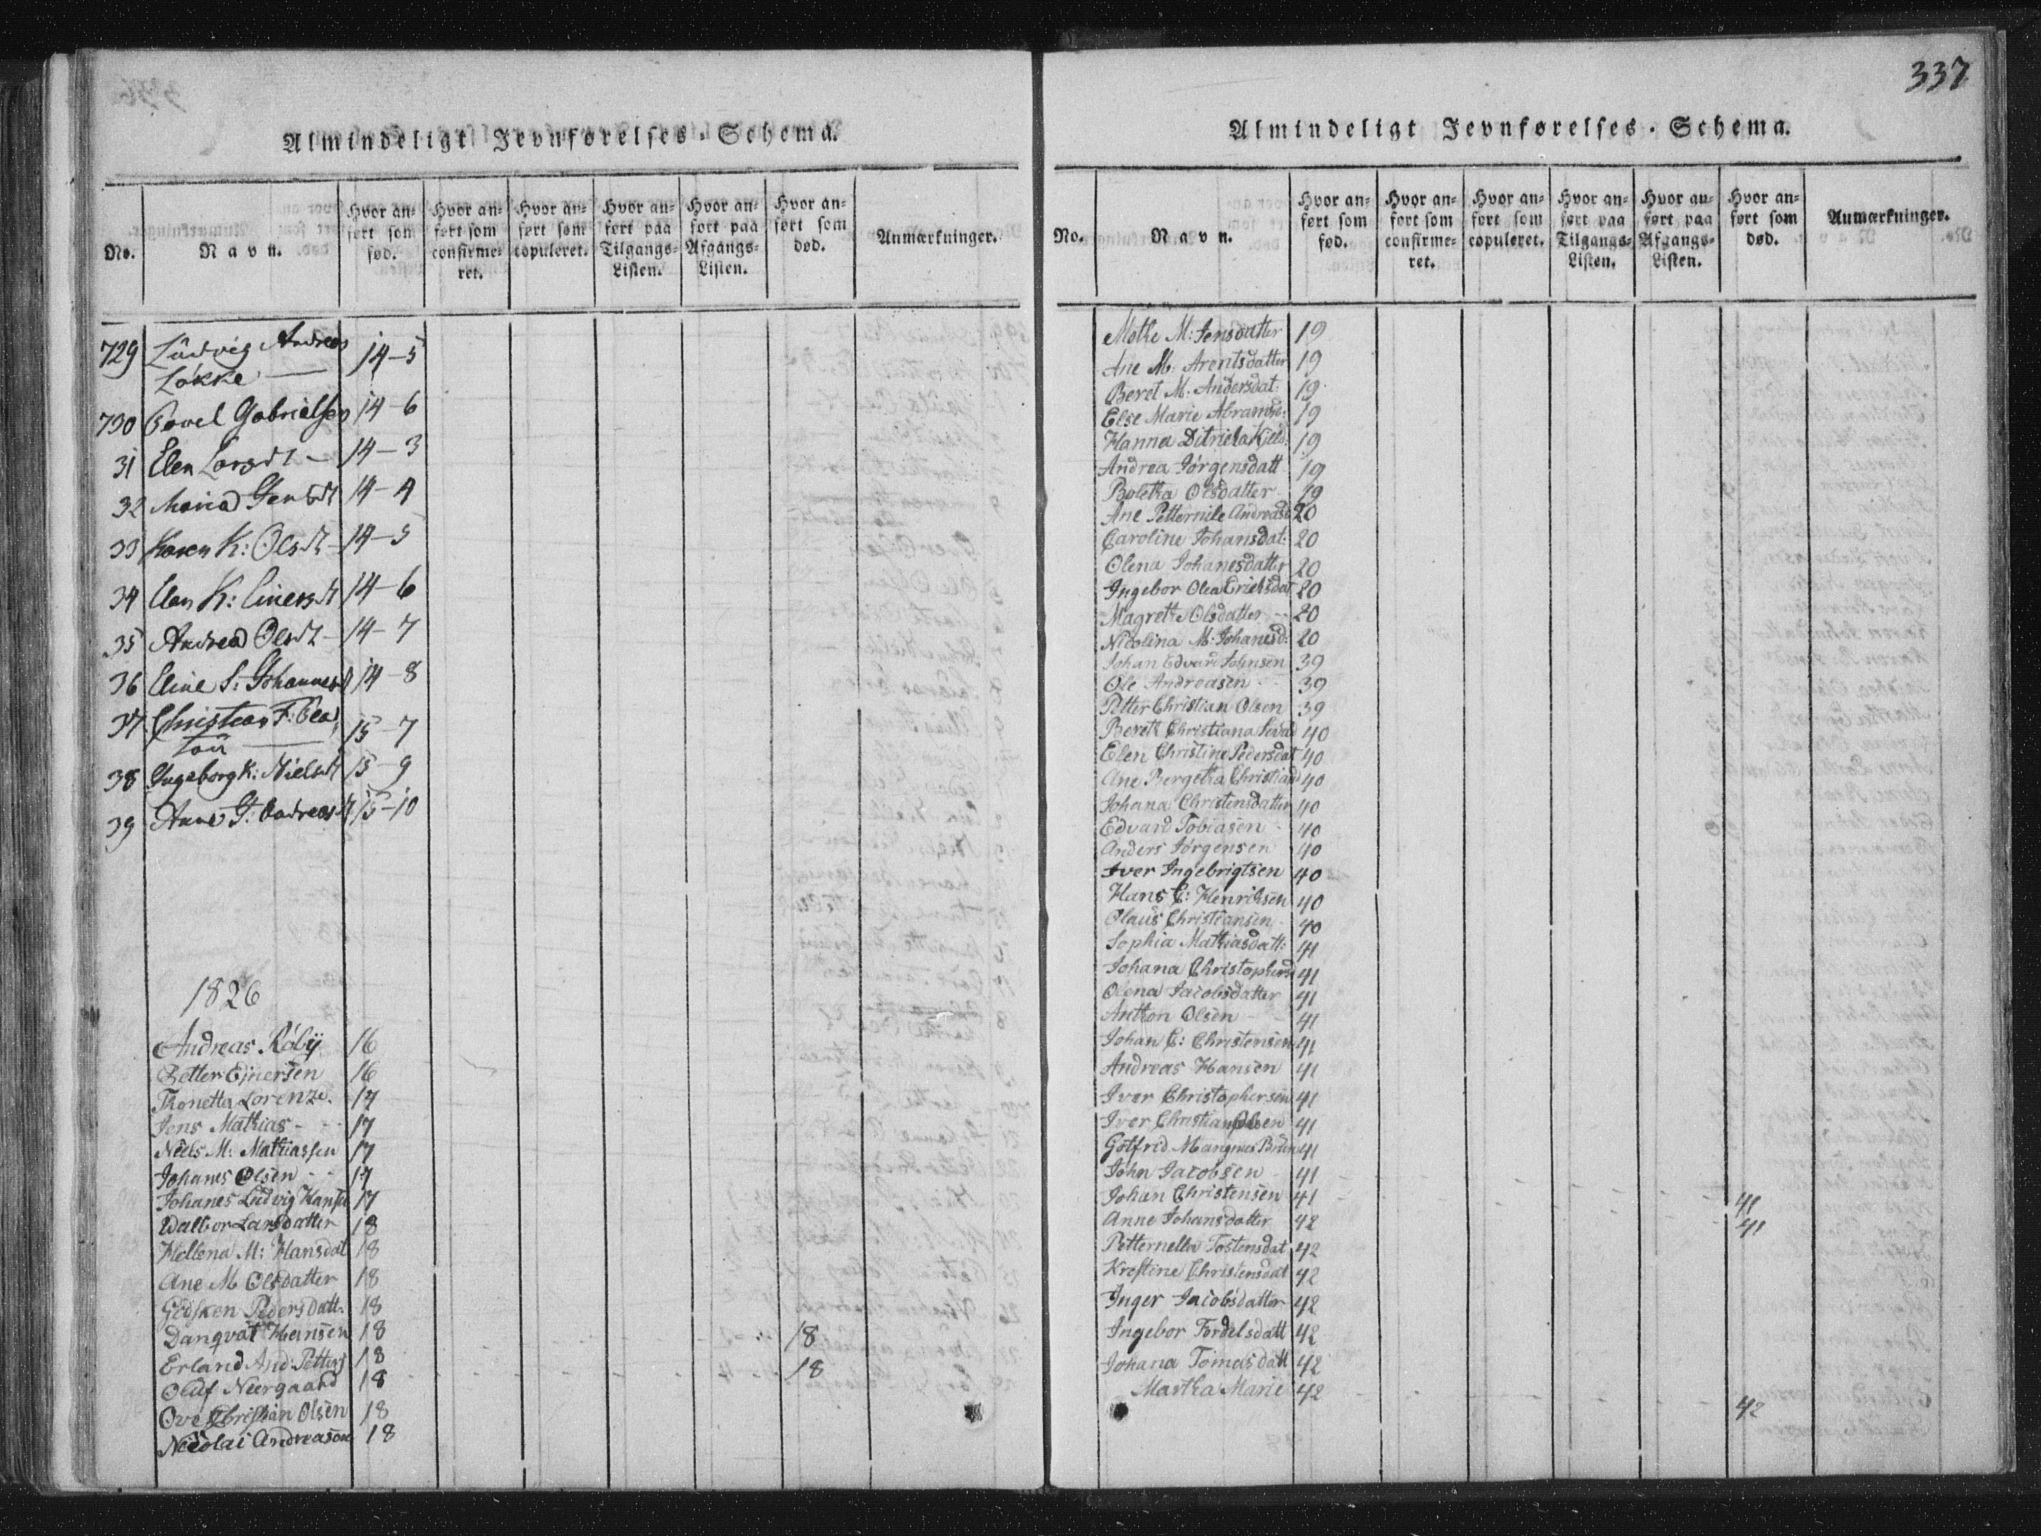 SAT, Ministerialprotokoller, klokkerbøker og fødselsregistre - Nord-Trøndelag, 773/L0609: Ministerialbok nr. 773A03 /1, 1815-1830, s. 337